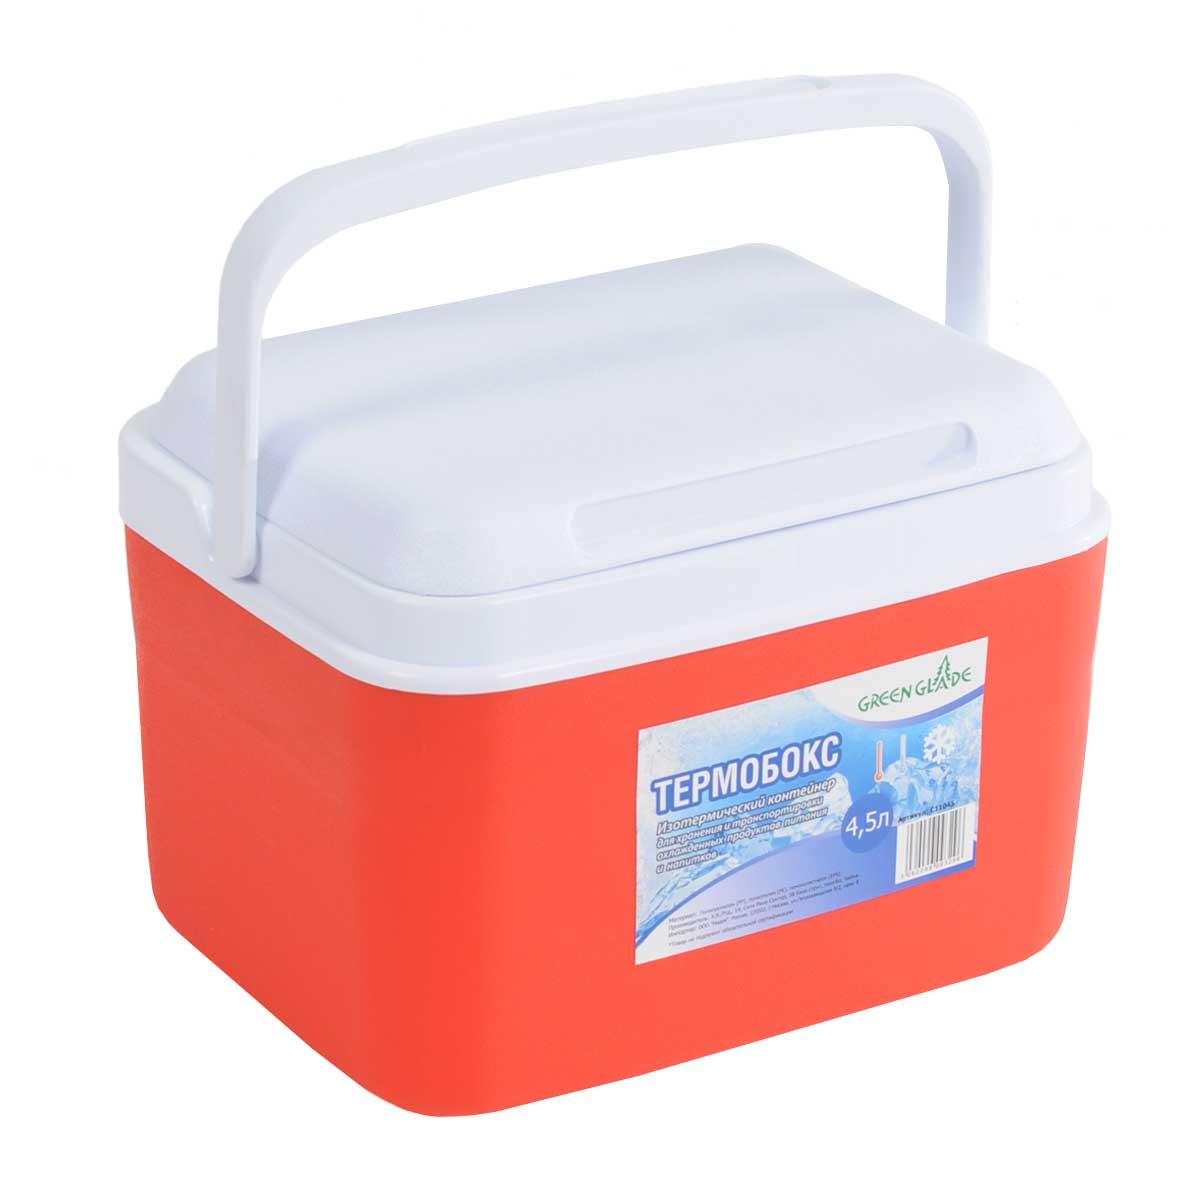 Контейнер изотермический Green Glade, цвет: красный, 4,5 лС11045Легкий и прочный изотермический контейнер Green Glade предназначен для сохранения определенной температуры продуктов во время длительных поездок. Корпус и крышка контейнера изготовлены из высококачественного полистирола. Между двойными стенками находится термоизоляционный слой, который обеспечивает сохранение температуры. При использовании аккумулятора холода, контейнер обеспечивает сохранение продуктов холодными на 8-10 часов. Подвижная ручка делает более удобной переноску контейнера. Крышка может использоваться как столик или как поднос. Объем контейнера: 4,5 л.Размер контейнера: 26 см х 19 см х20 см.